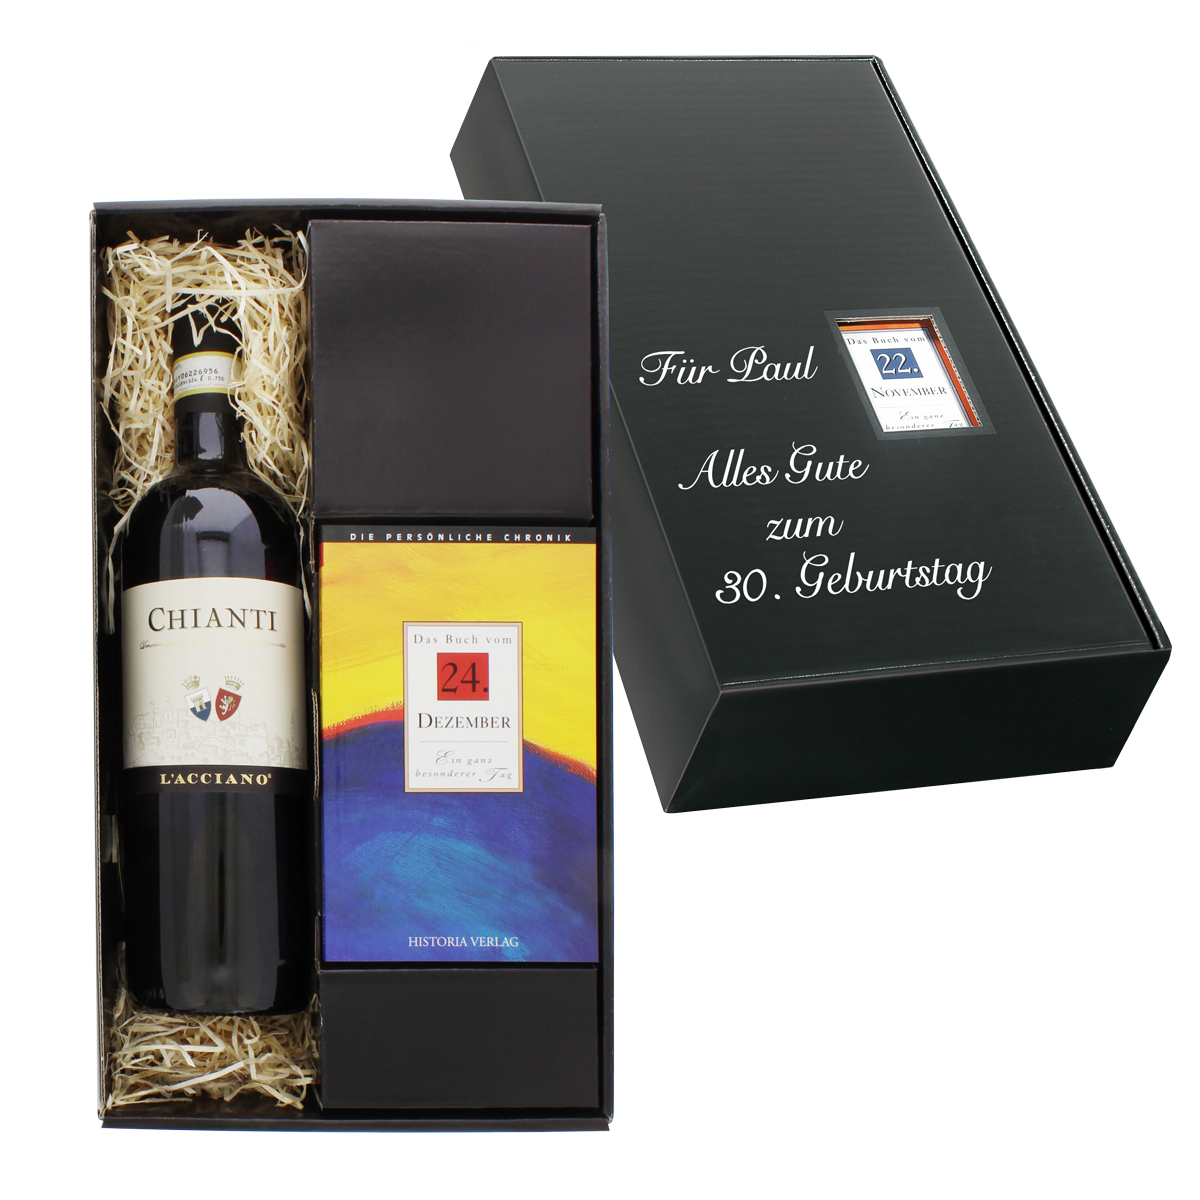 Italien-Set: Tageschronik vom 13. August & Chianti-Wein